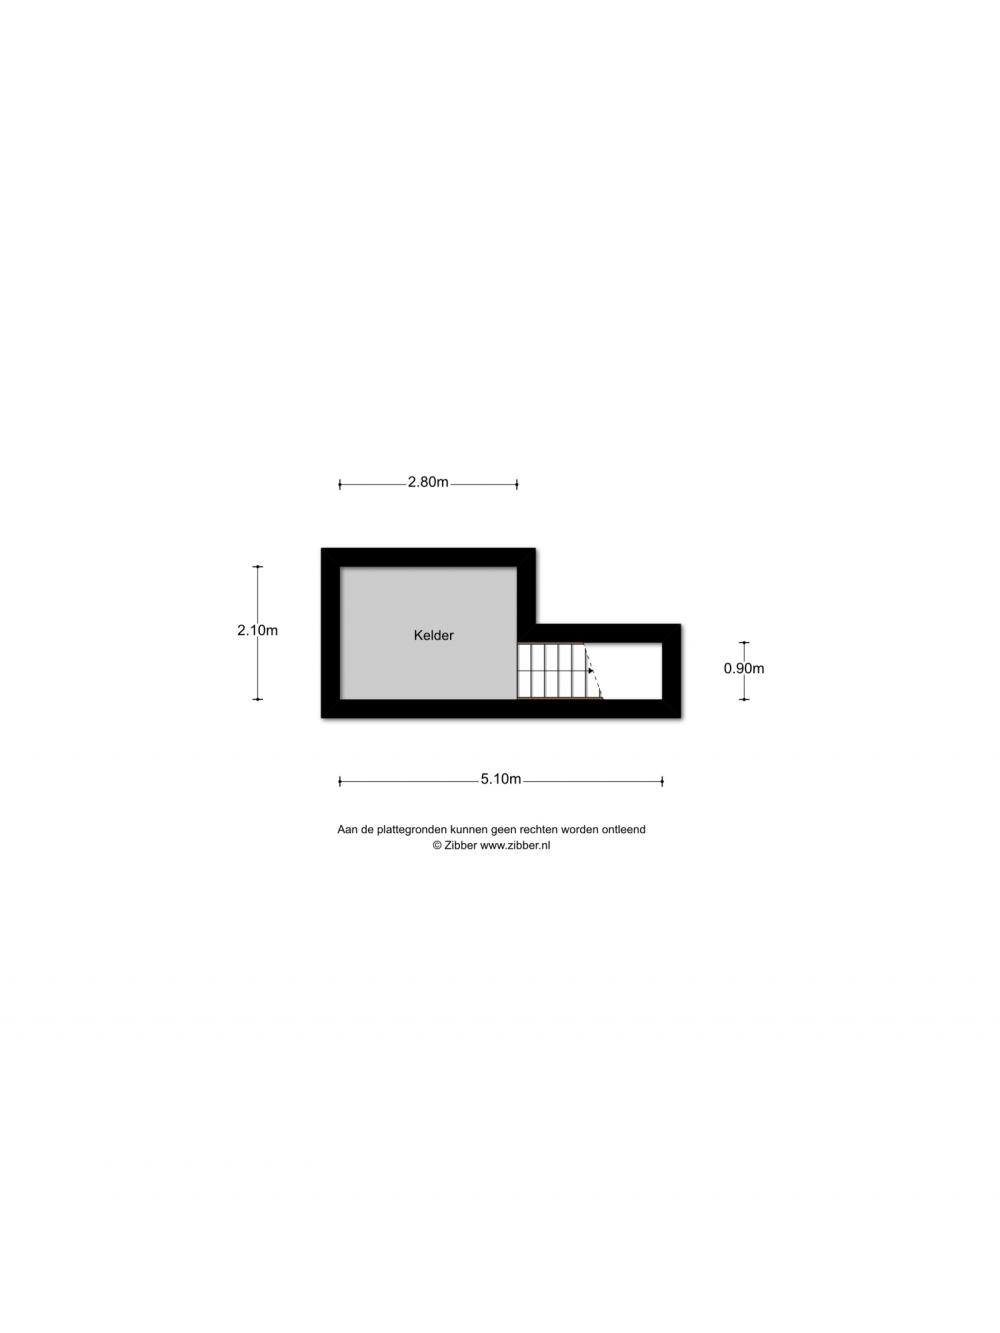 lichtenvoorde-middachtenstraat-25